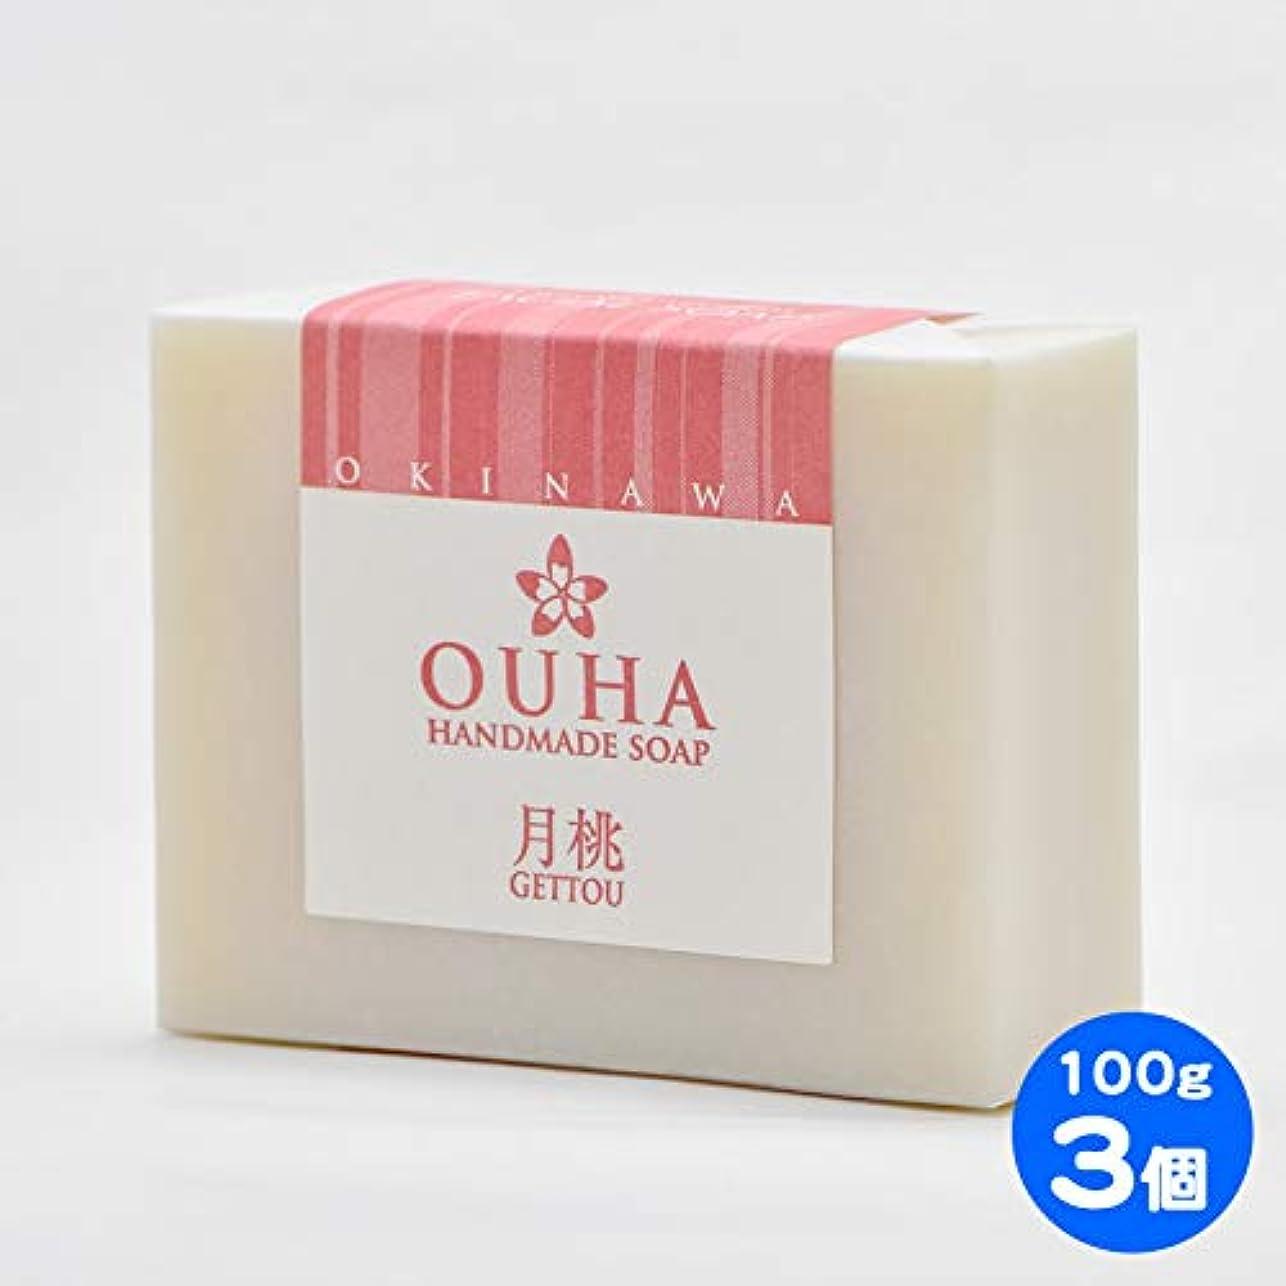 広告する敵対的機械的【送料無料 レターパックライト】沖縄県産 OUHAソープ 月桃 石鹸 100g 3個セット